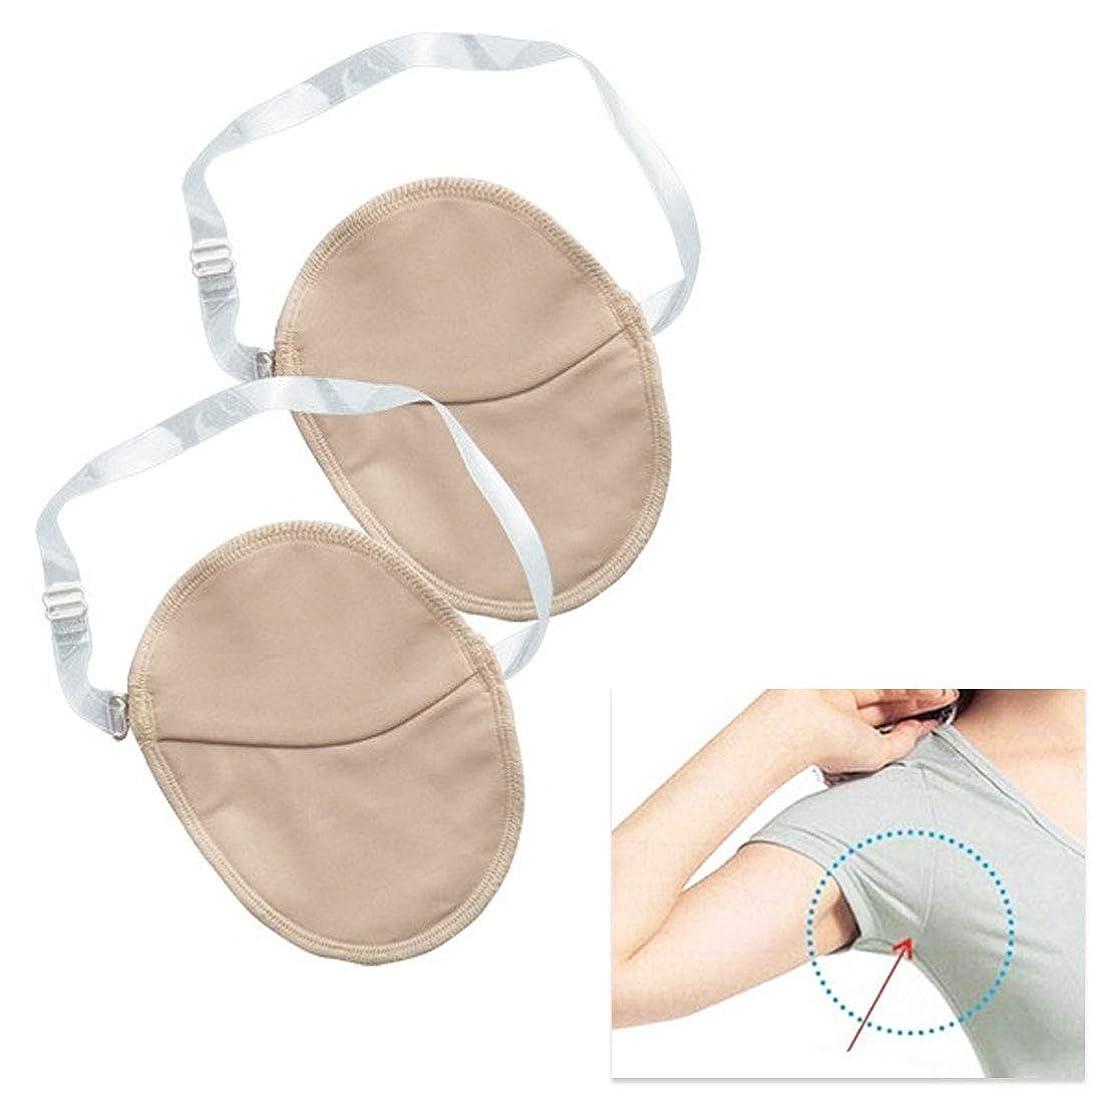 ボックスプーノオープニング夏服 1組のガスケット 再利用可能 脇の下 女性 洗える 脇の下の汗パッド 脇の下吸収パッド